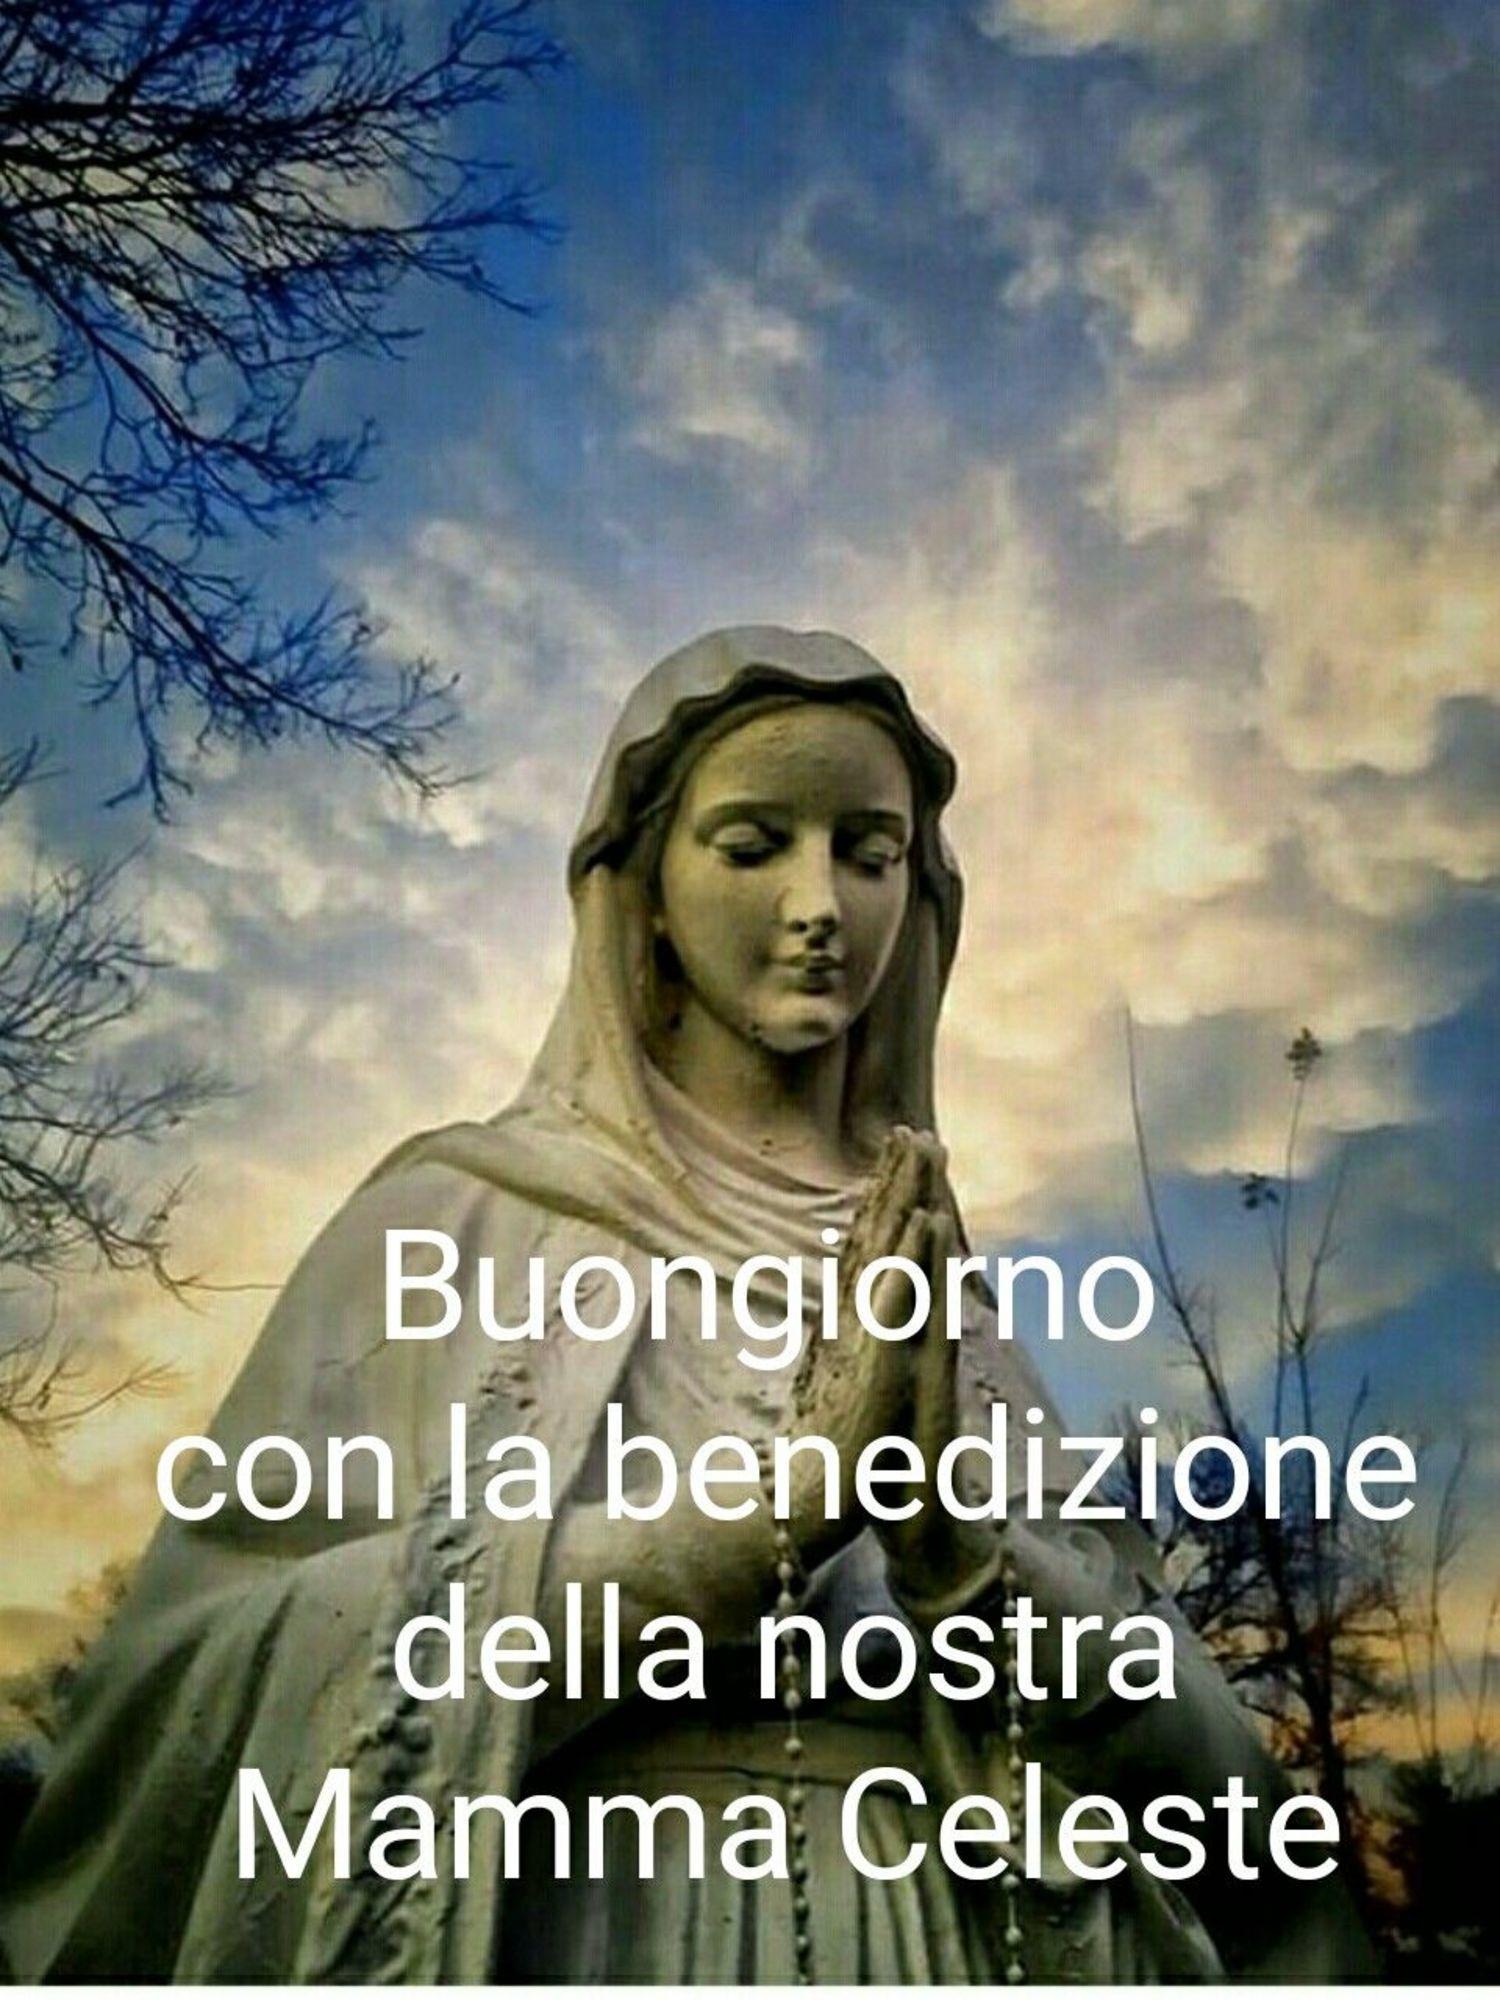 Buongiorno a Maria